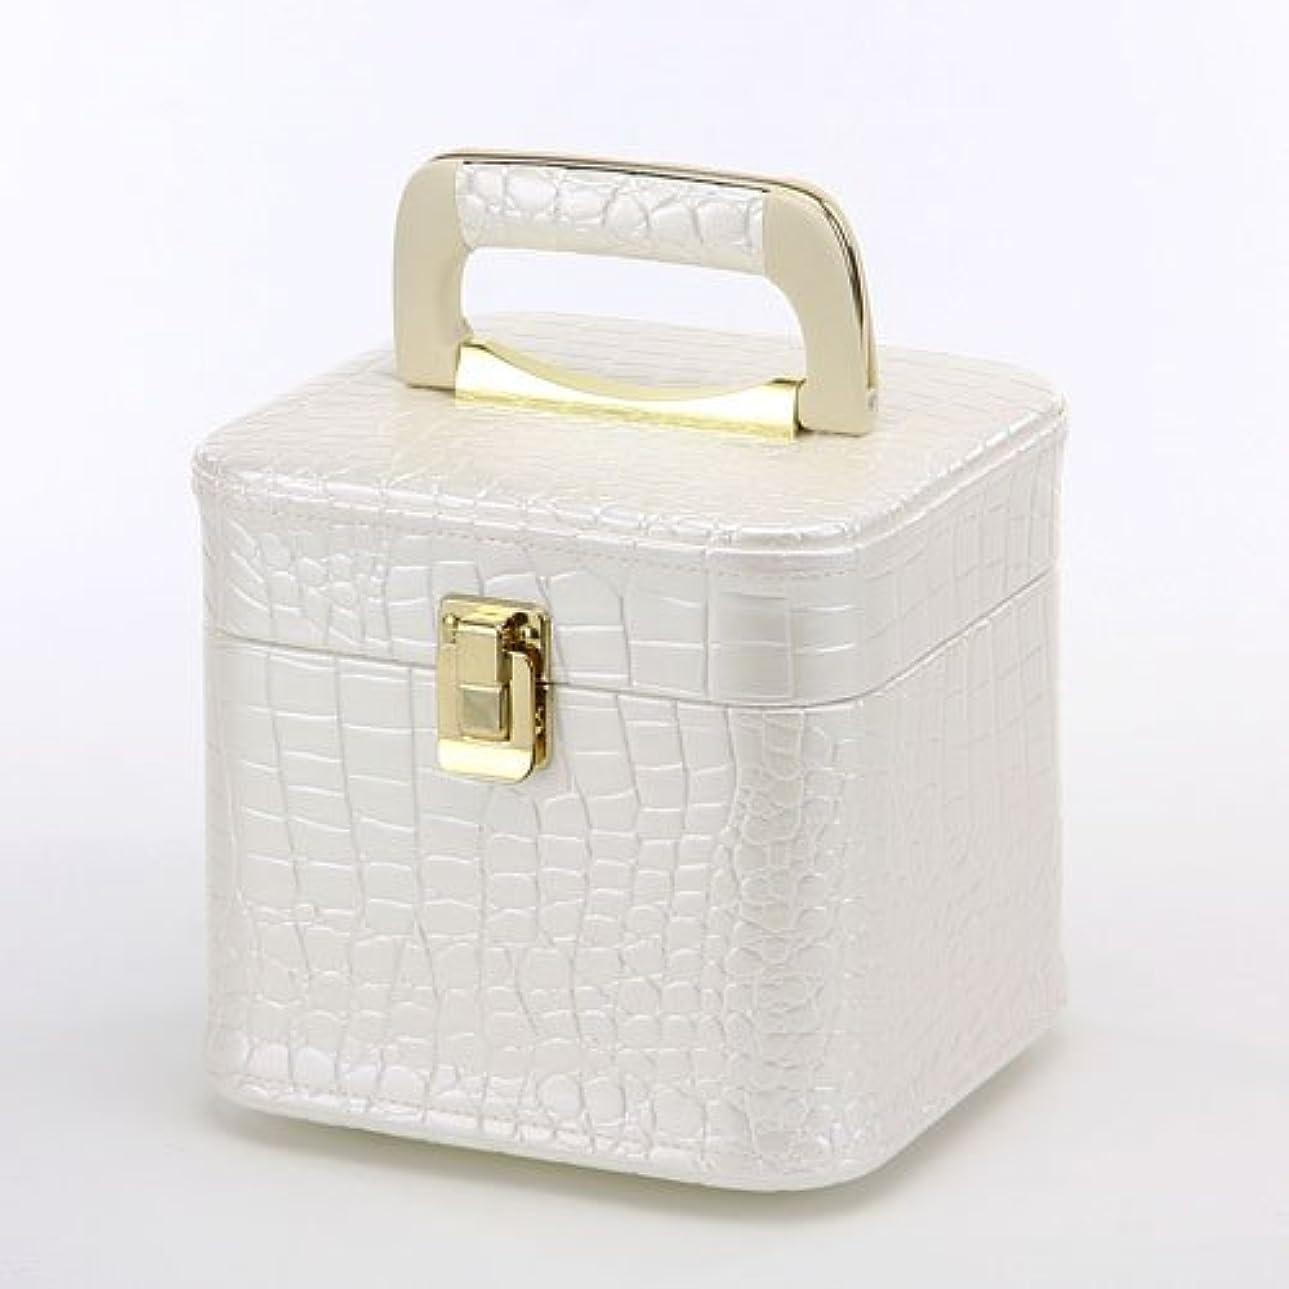 しっかりクレジット擬人化日本製 メイクボックス パールホワイト クロコ ミニ (トレンケース クロコダイル風) (コスメボックス)